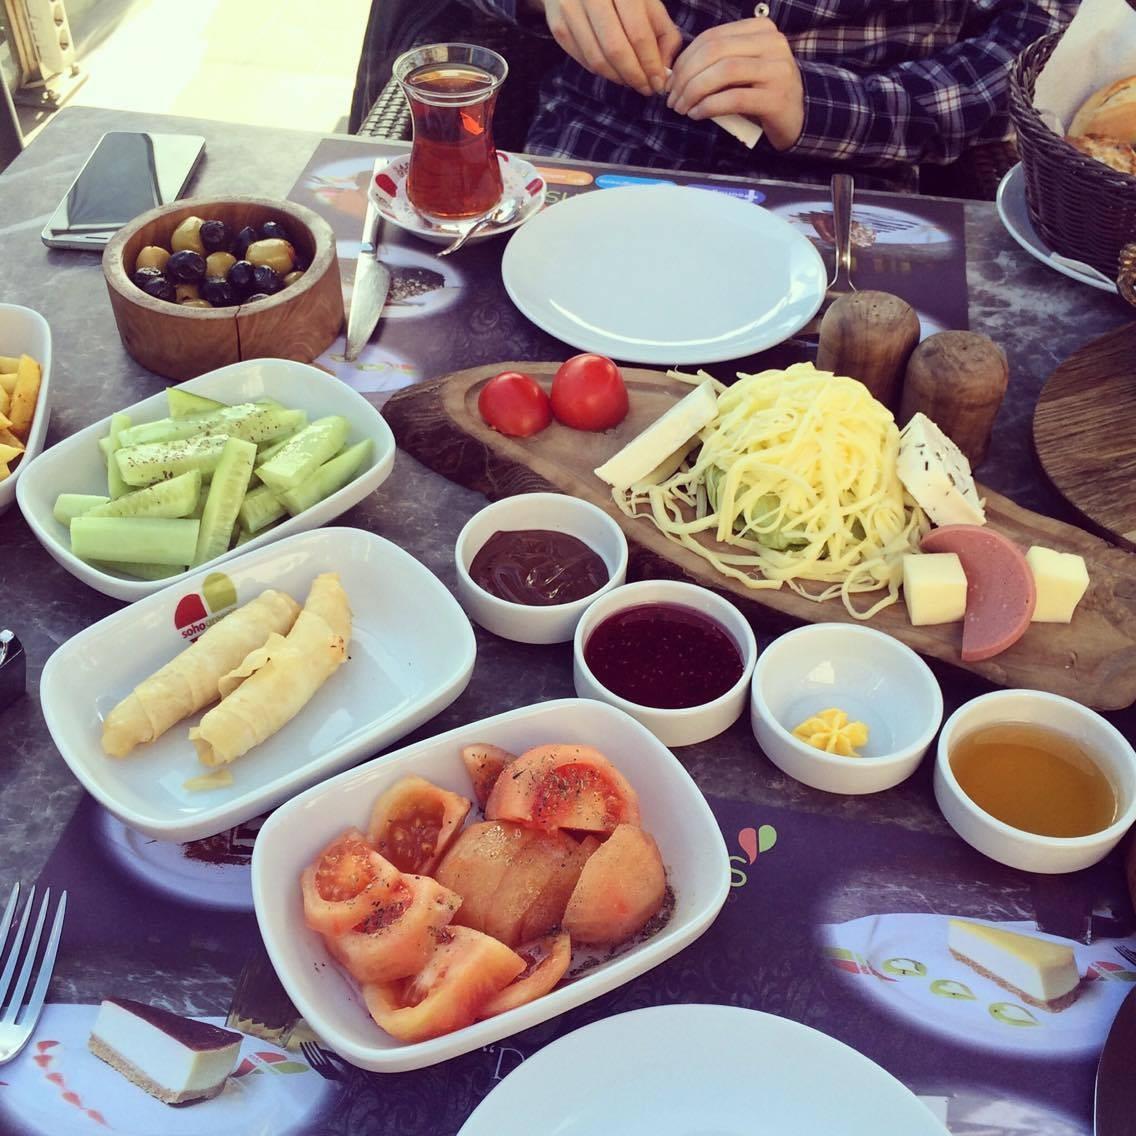 Le meilleur de la cuisine turque recettes erasmus - Recettes de cuisine turque ...